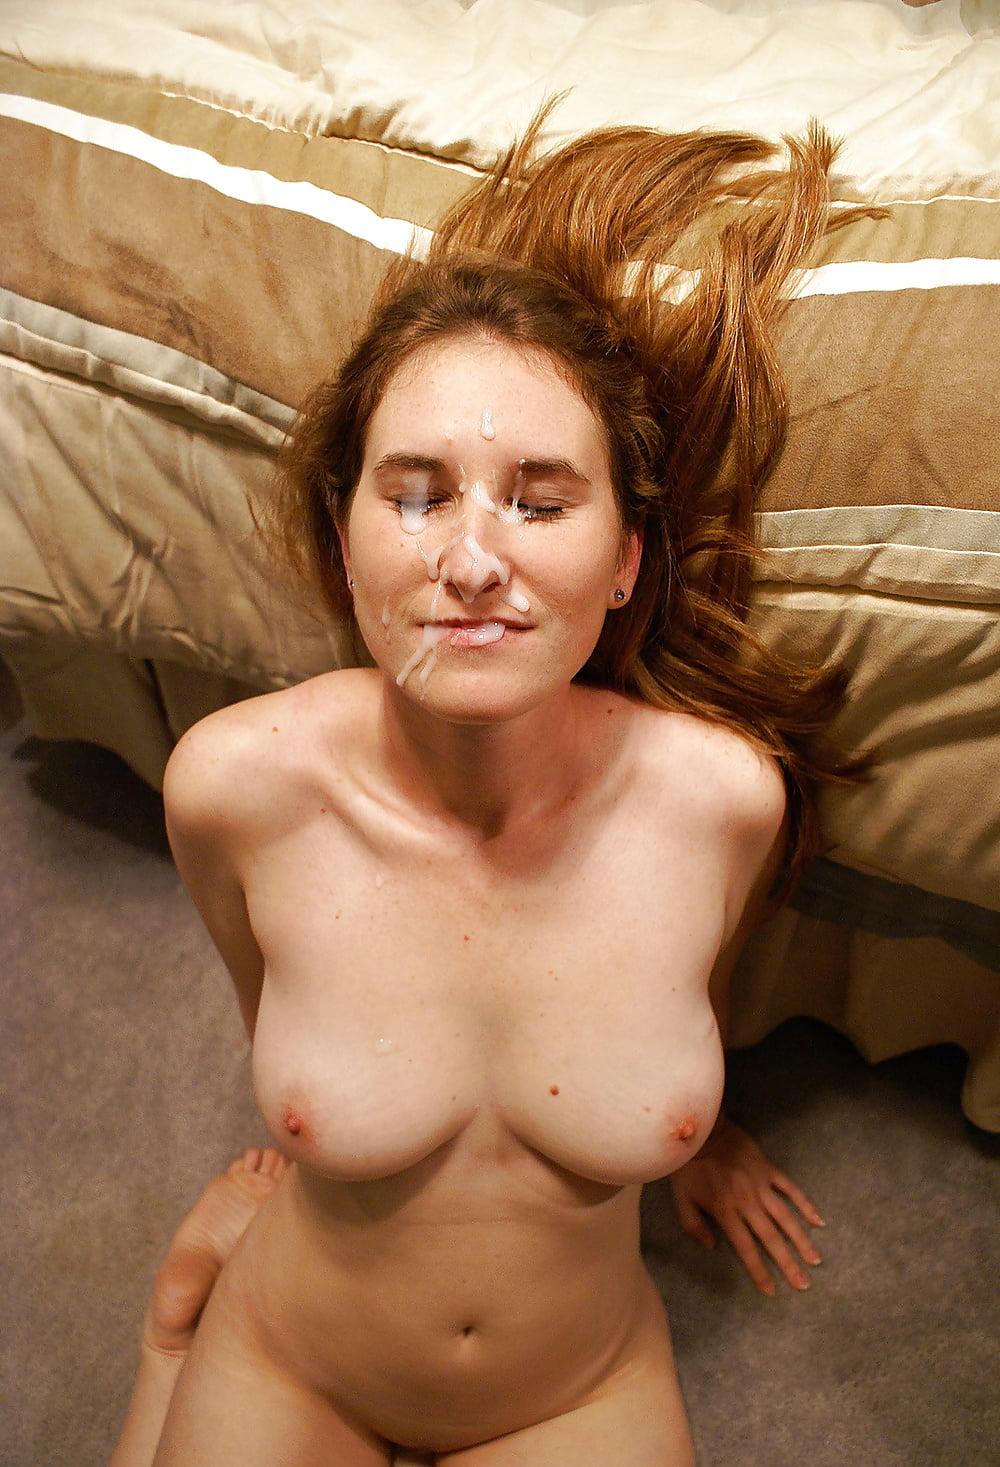 drunk-neighbor-naked-facial